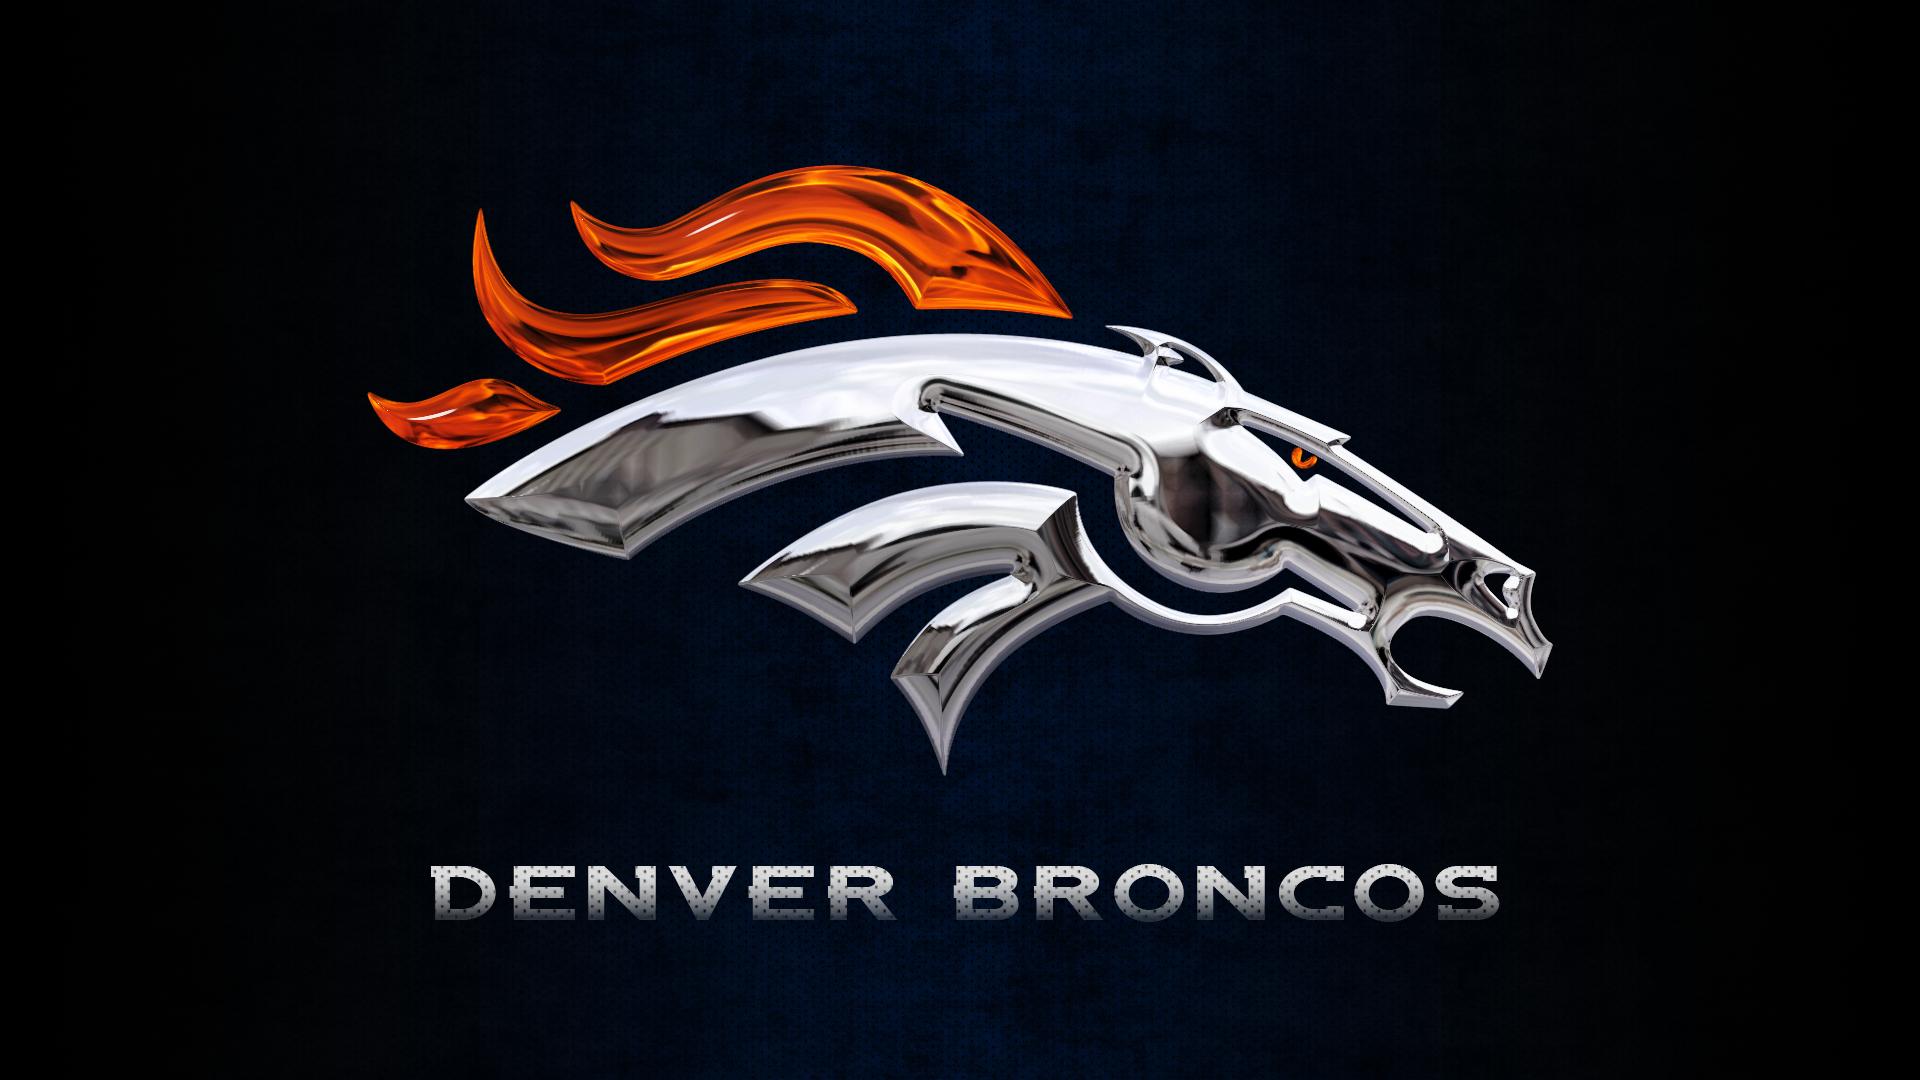 Denver Broncos Chrome Logo Wallpaper 1920x1080